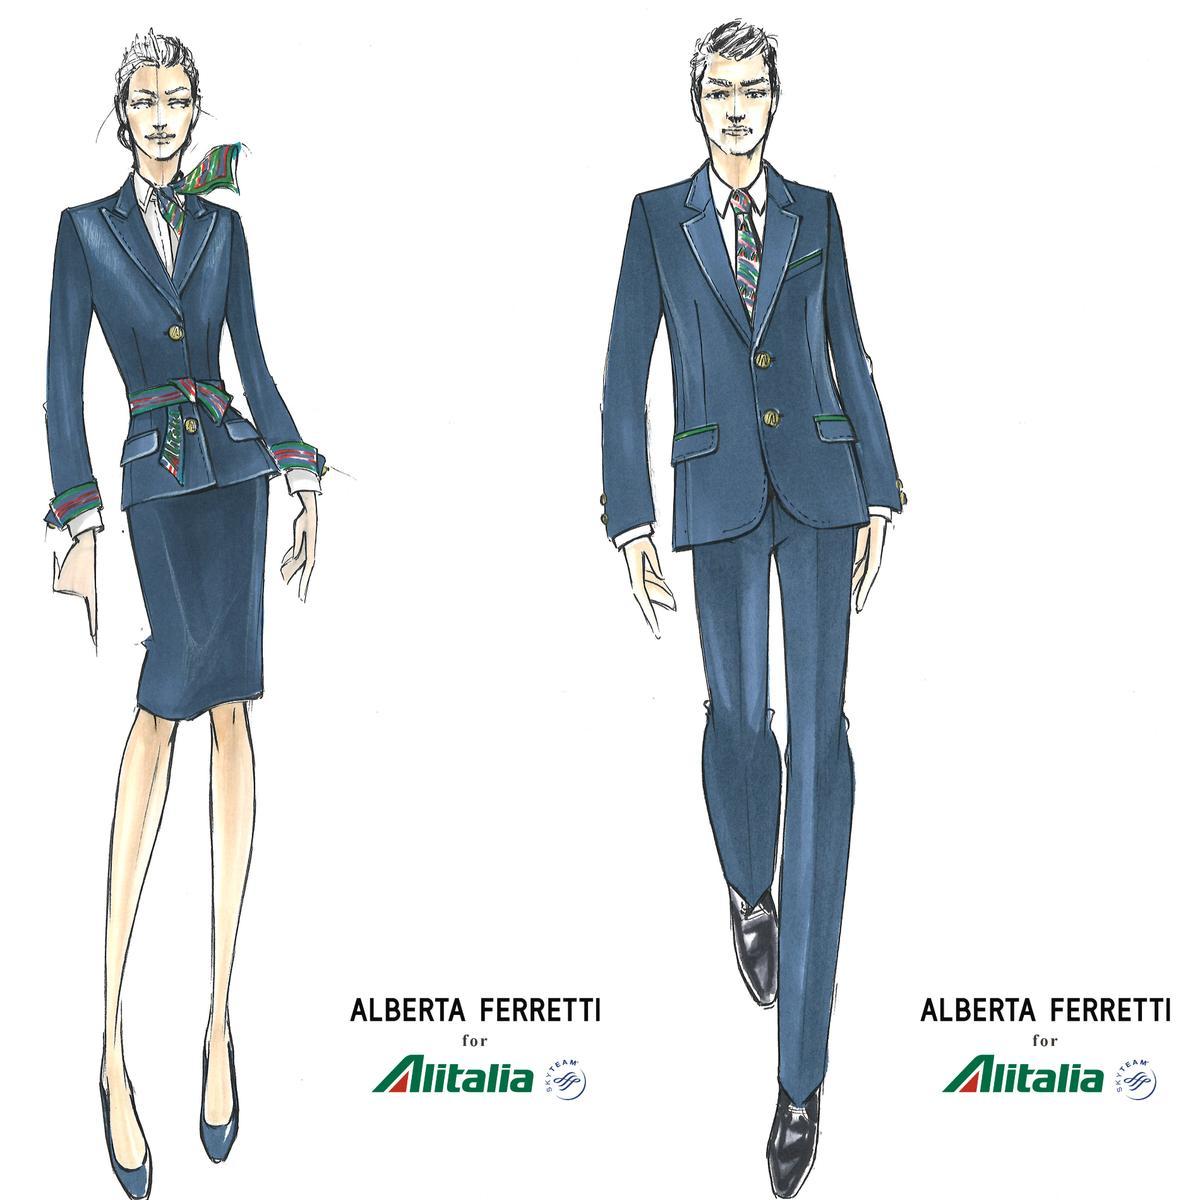 alberta-ferretti-alitalia-sketches